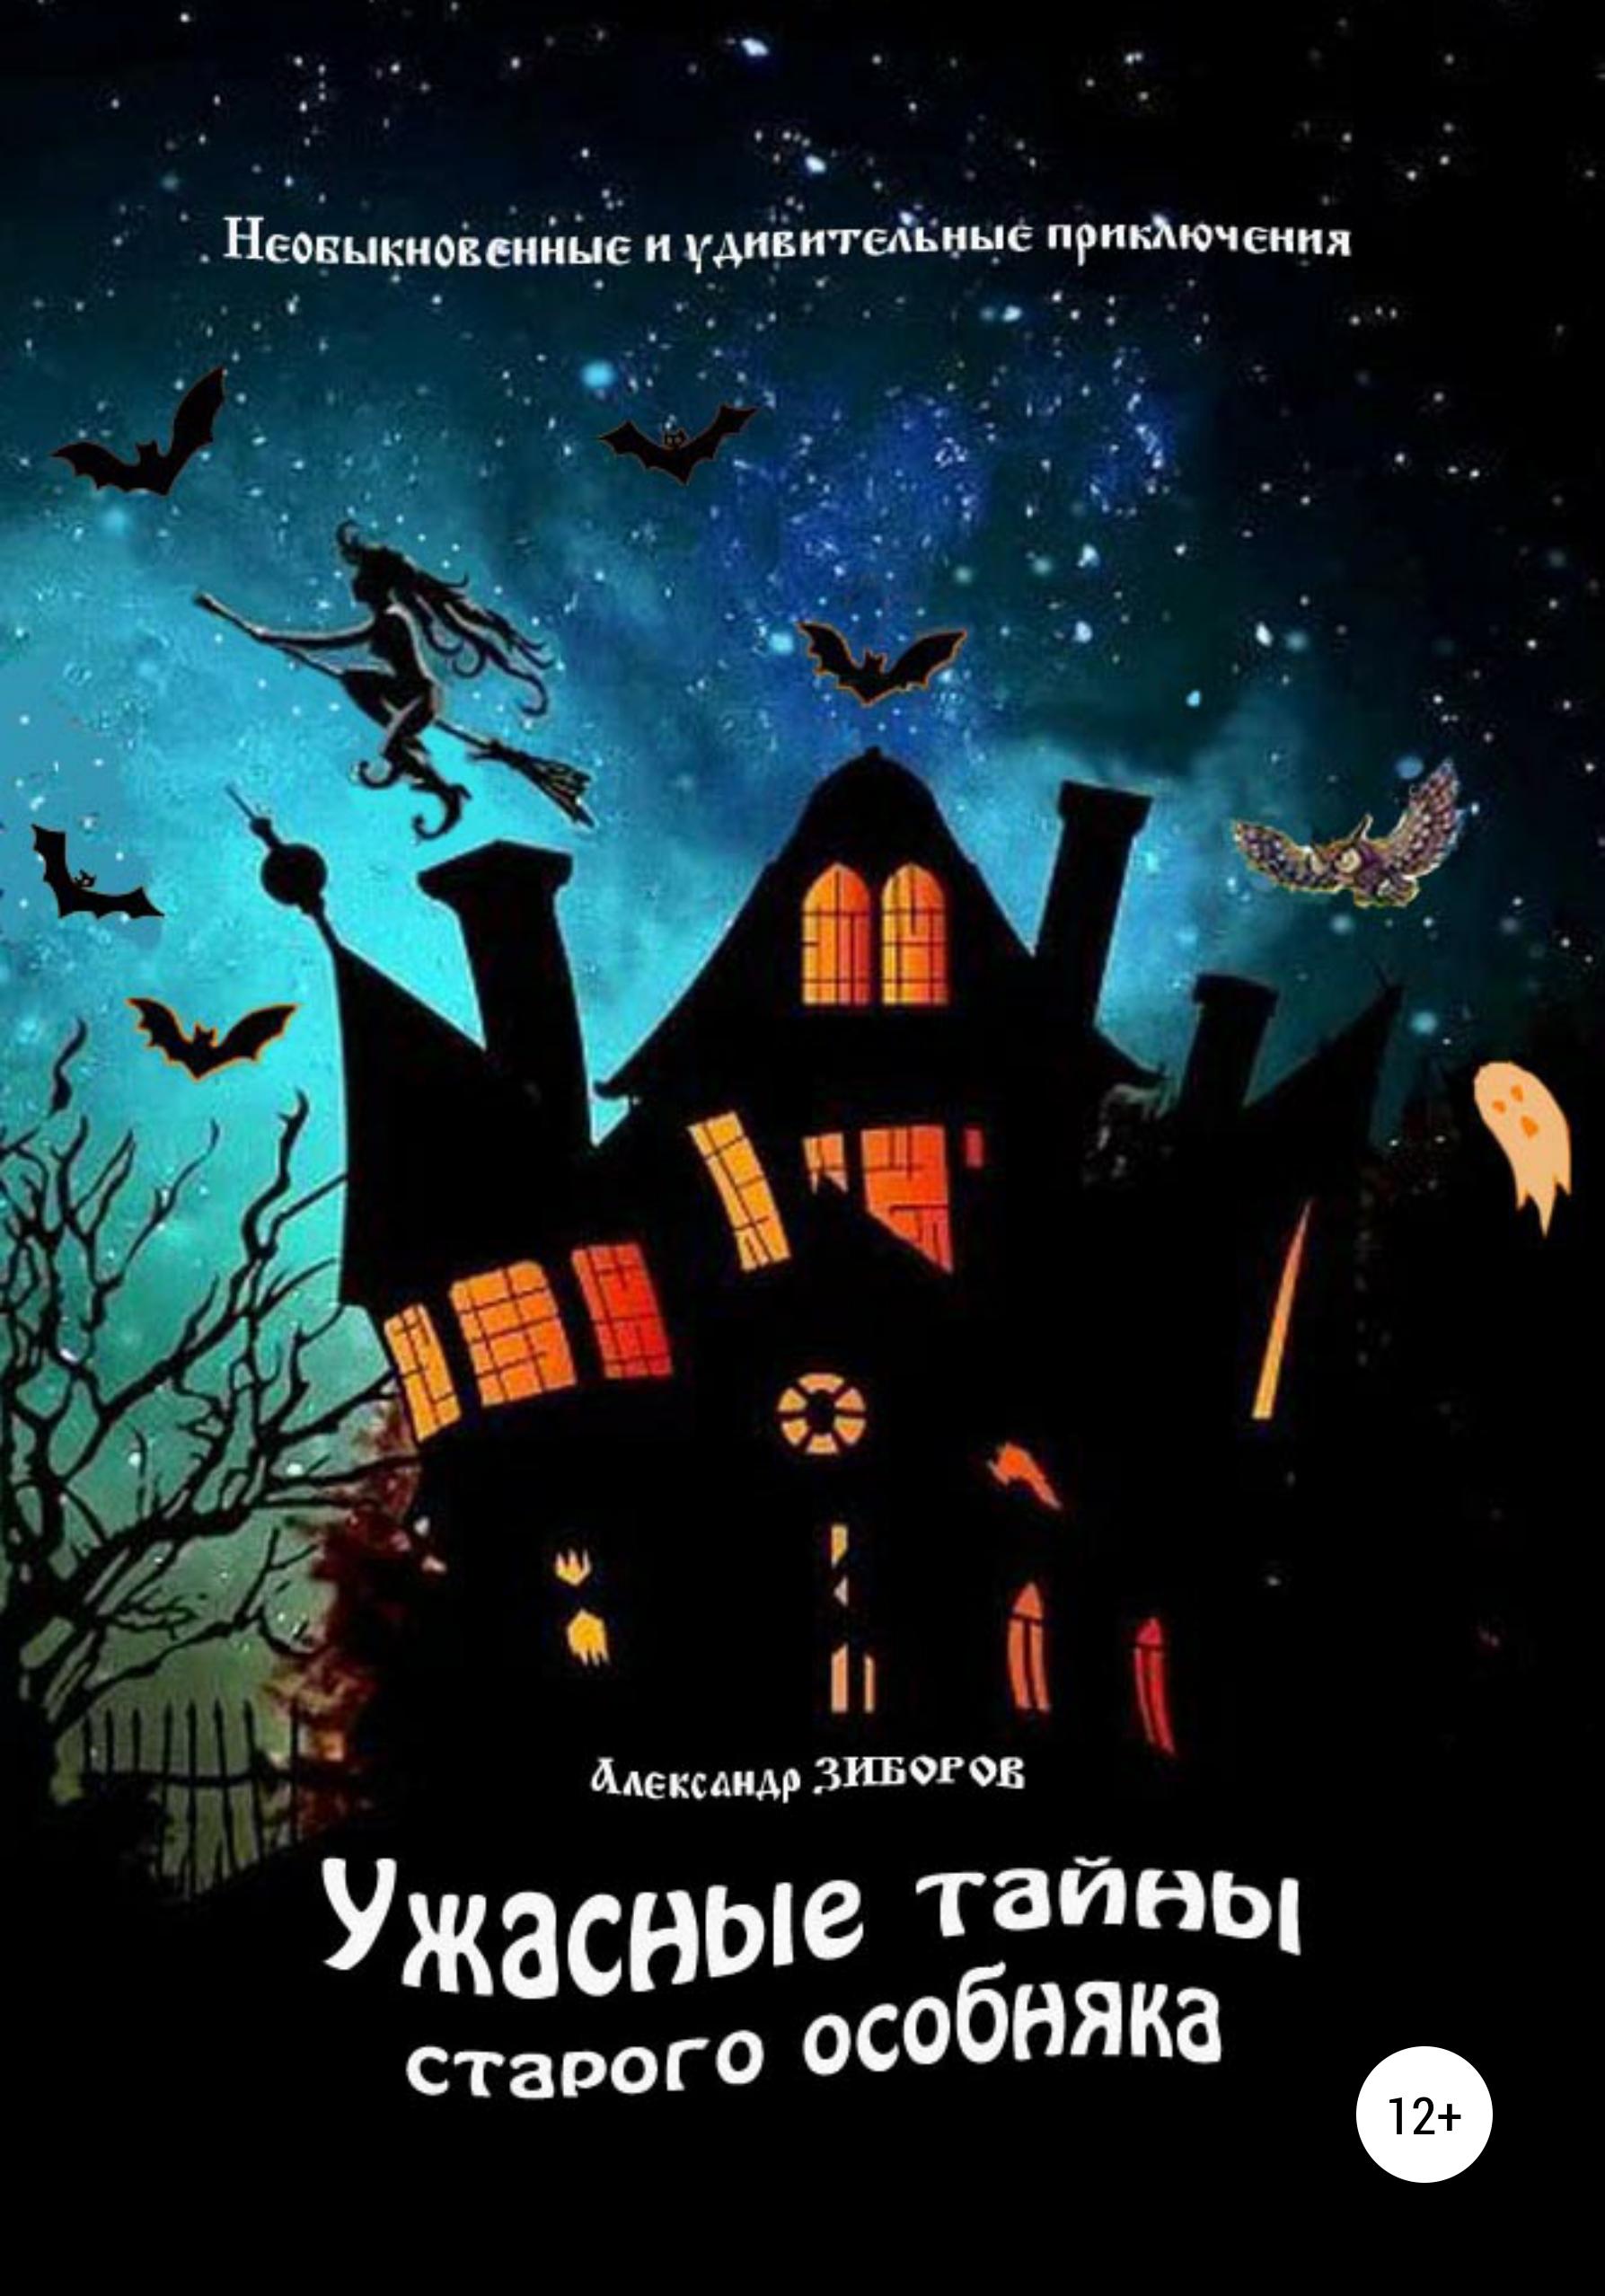 Александр Зиборов Ужасные тайны старого особняка